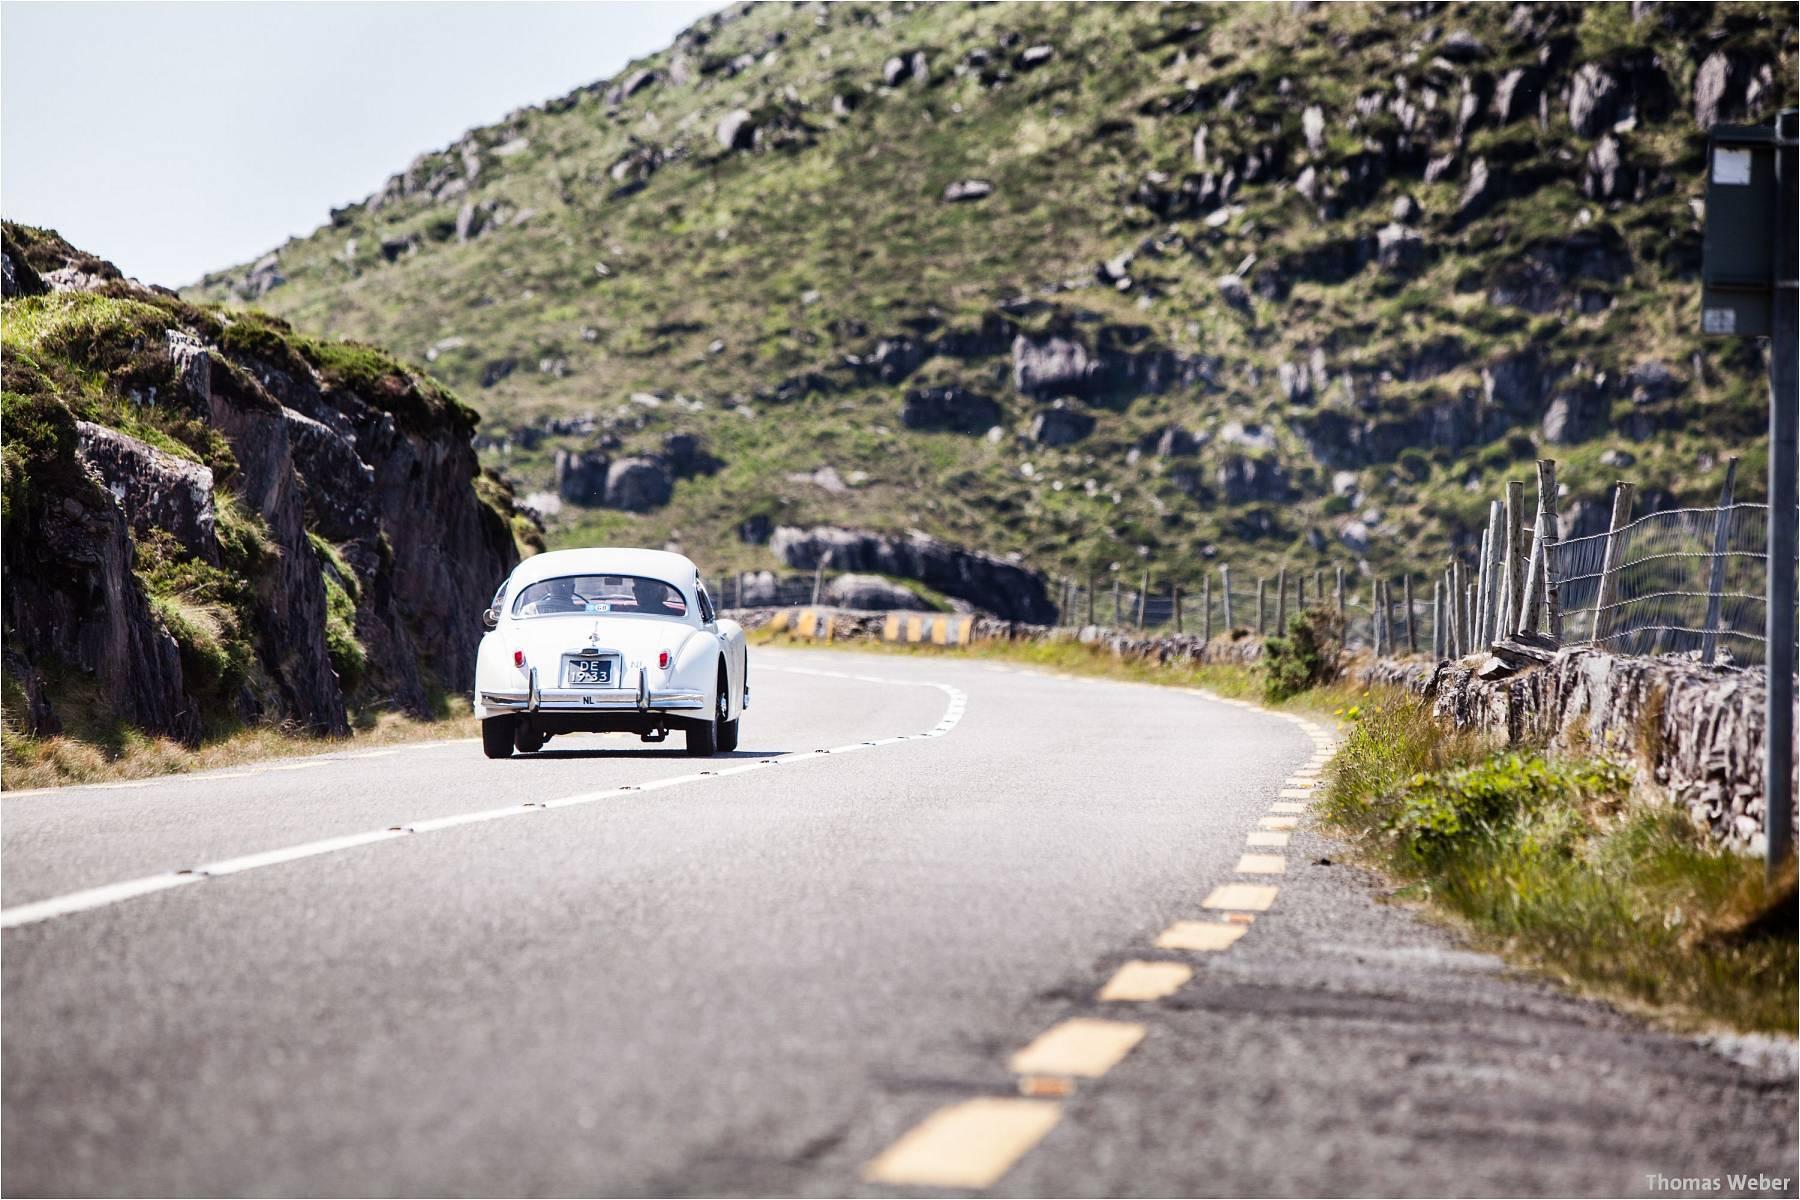 Hochzeitsfotograf Adare (Irland): Irische Hochzeit auf der grünen Insel (16)